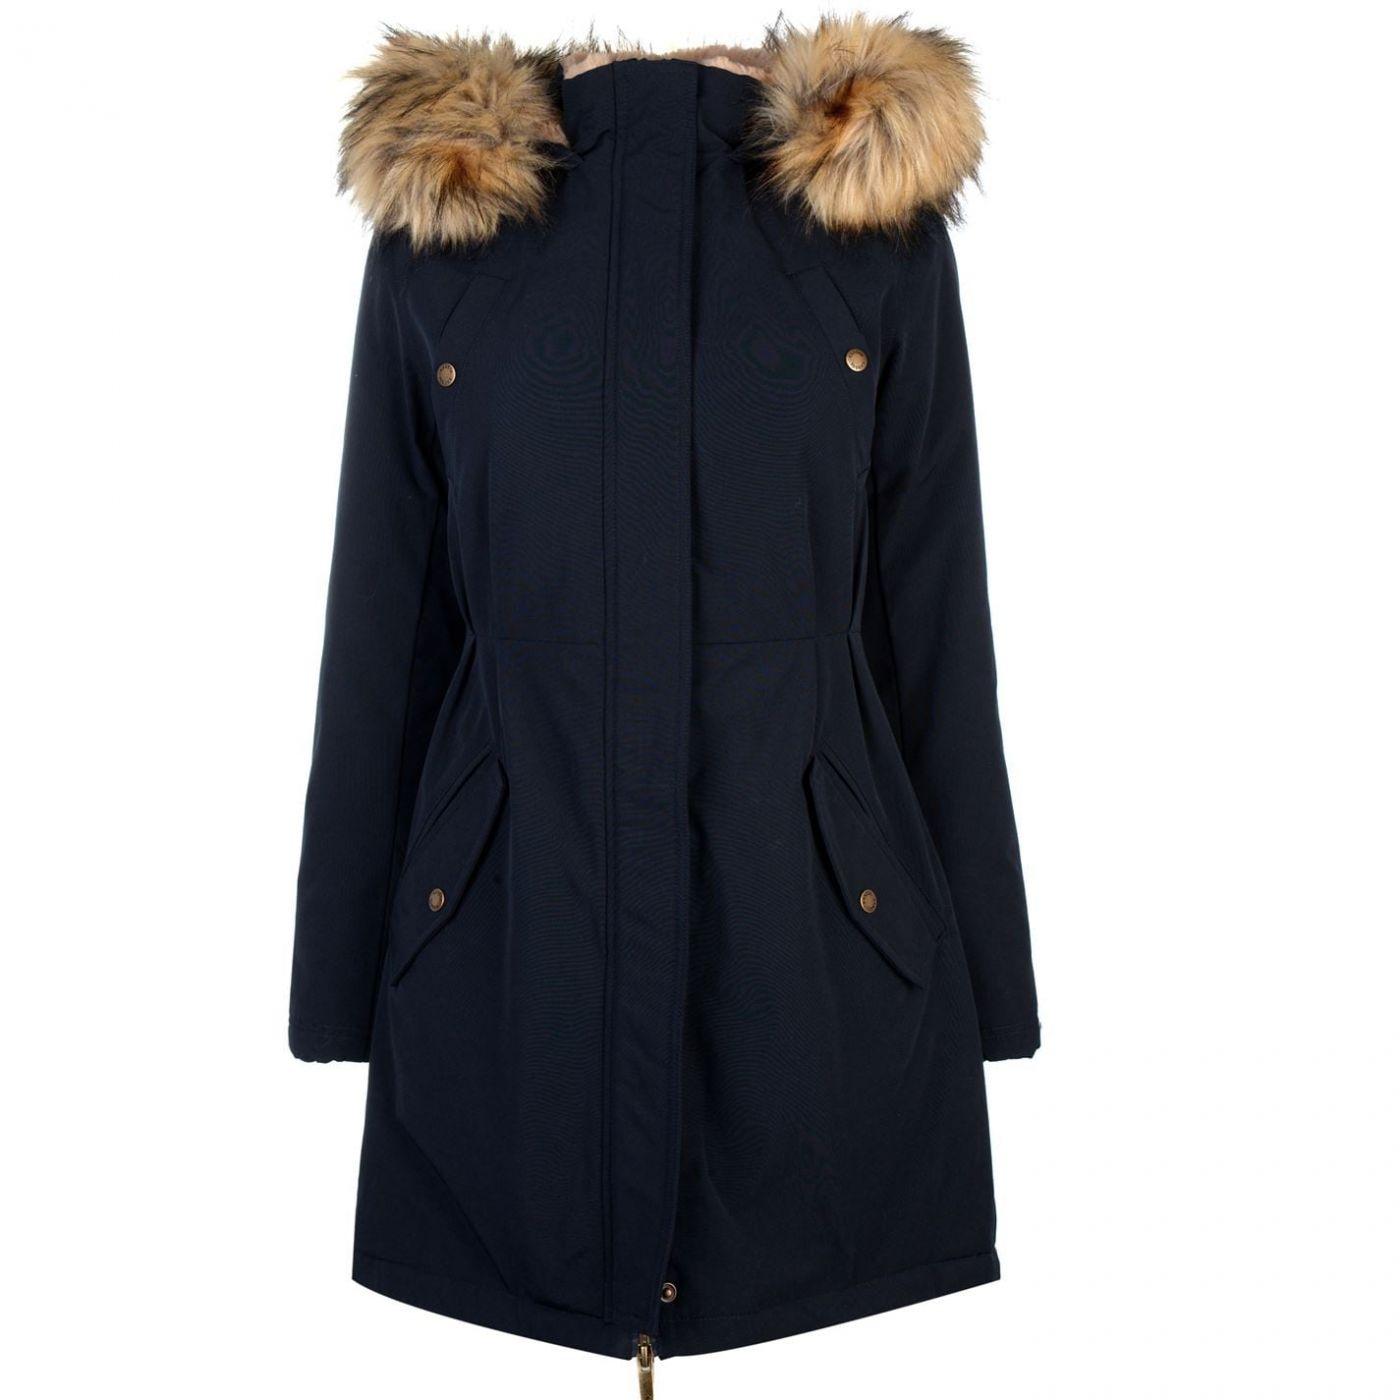 Kangol Classic Parka Jacket